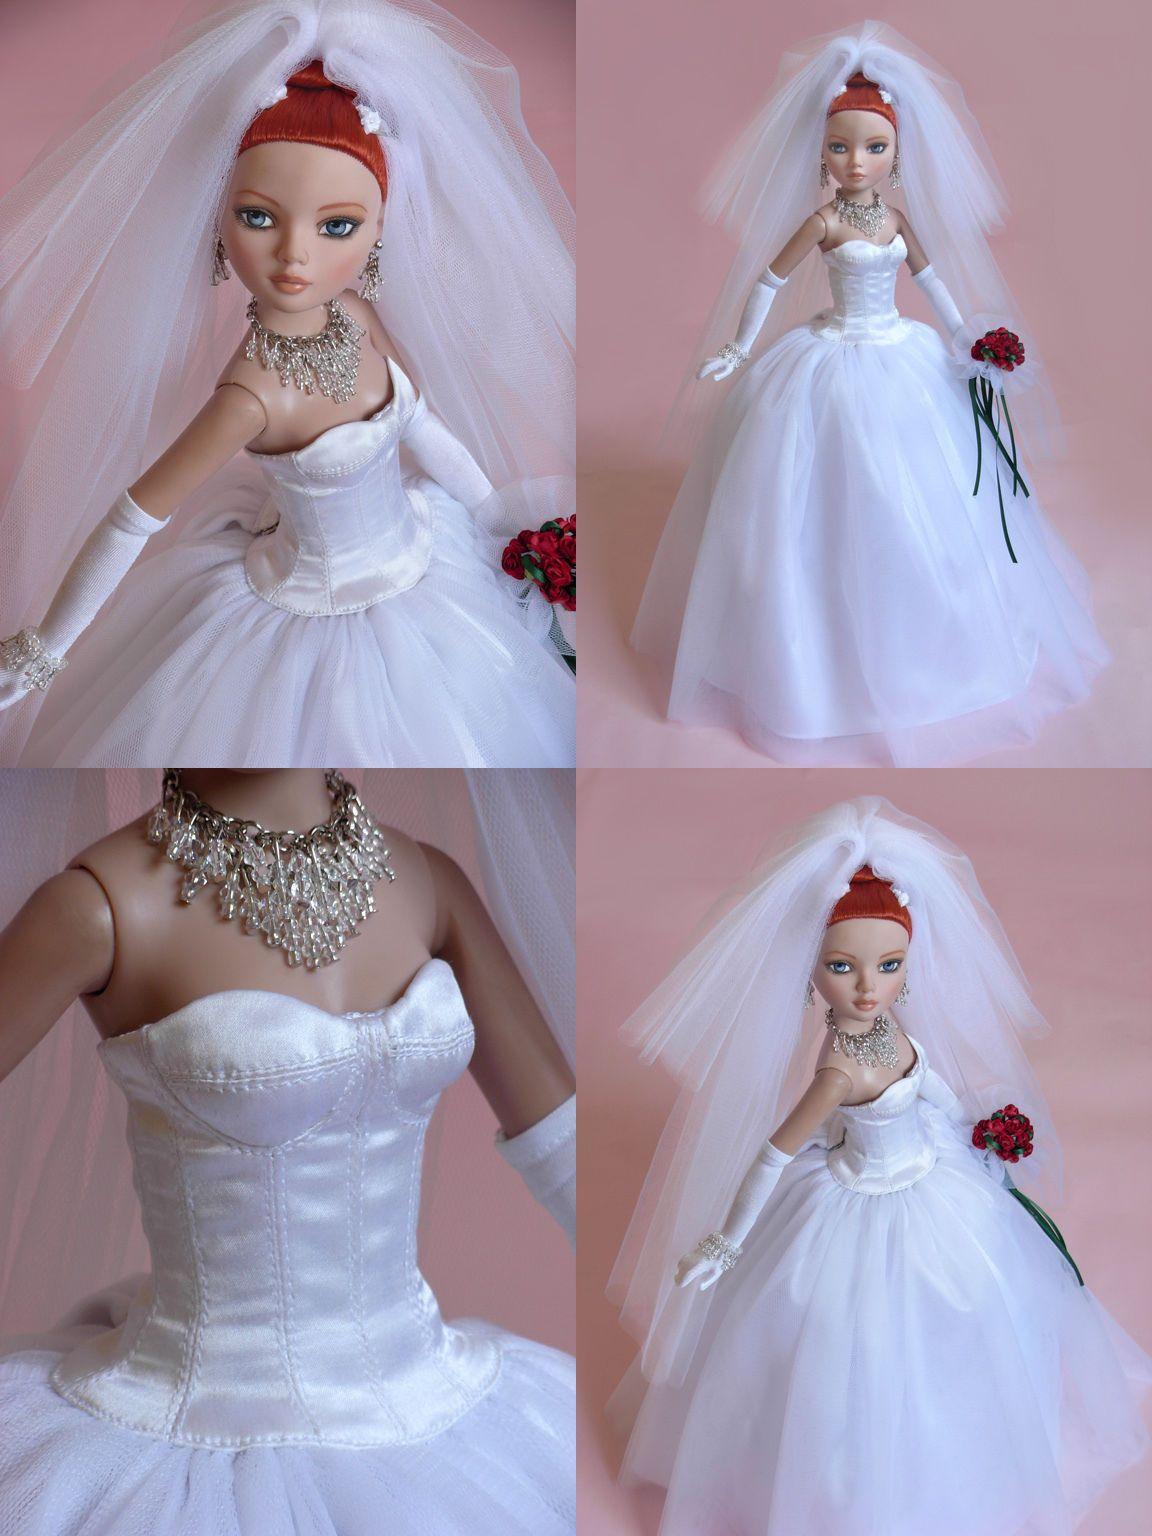 Sherry Wedding Dress for Ellowyne Wilde Doll Clothing Accessories EWO Bride 1 | eBay